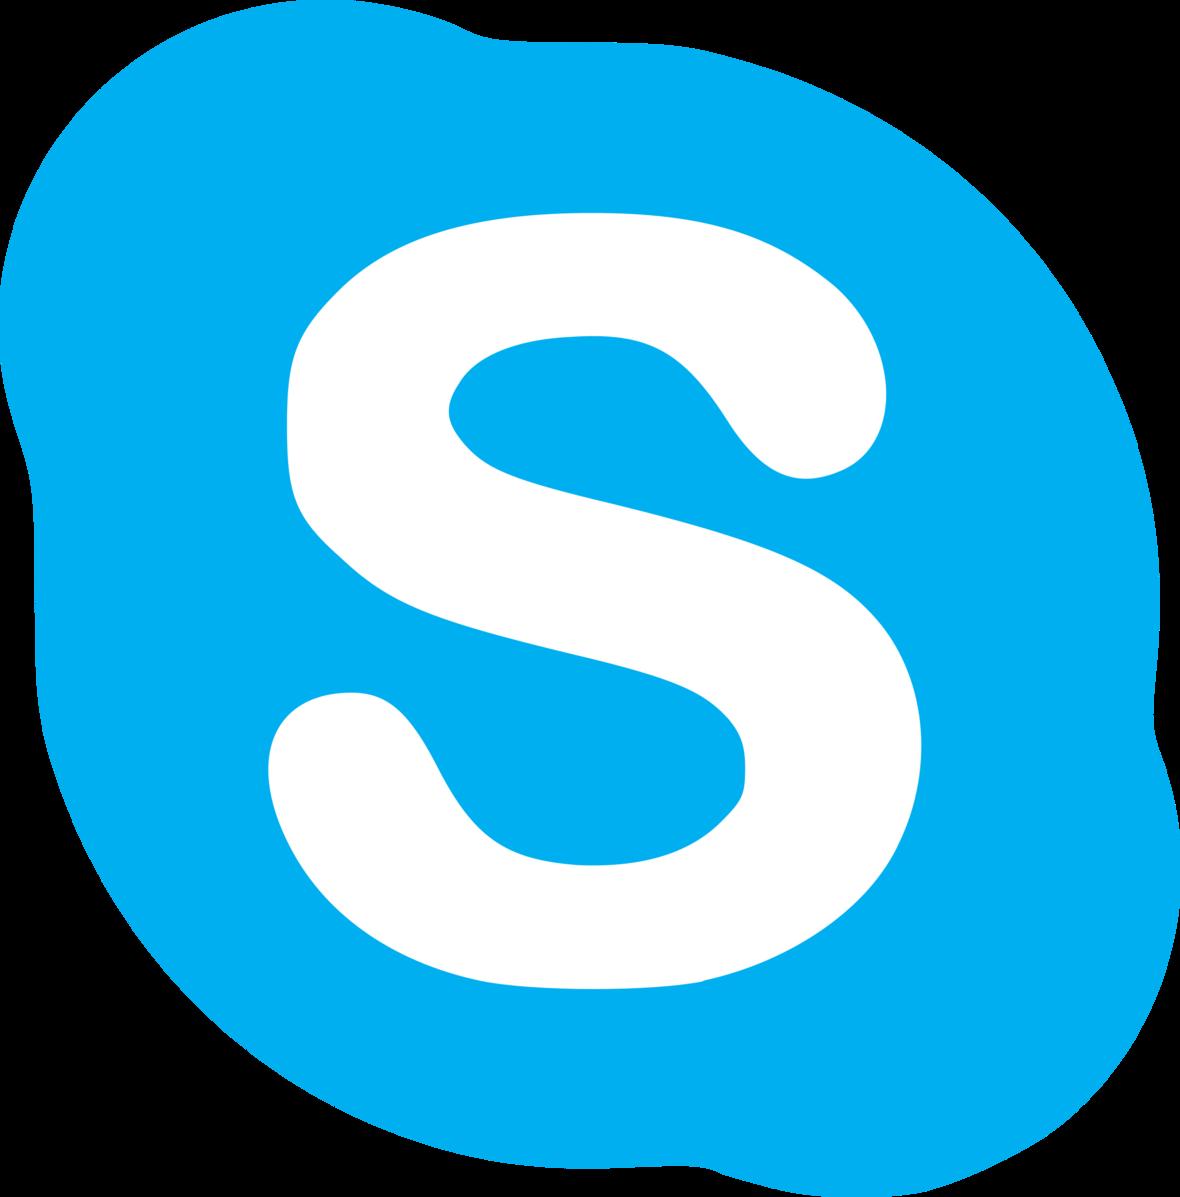 skype-3-png-transparent-logo